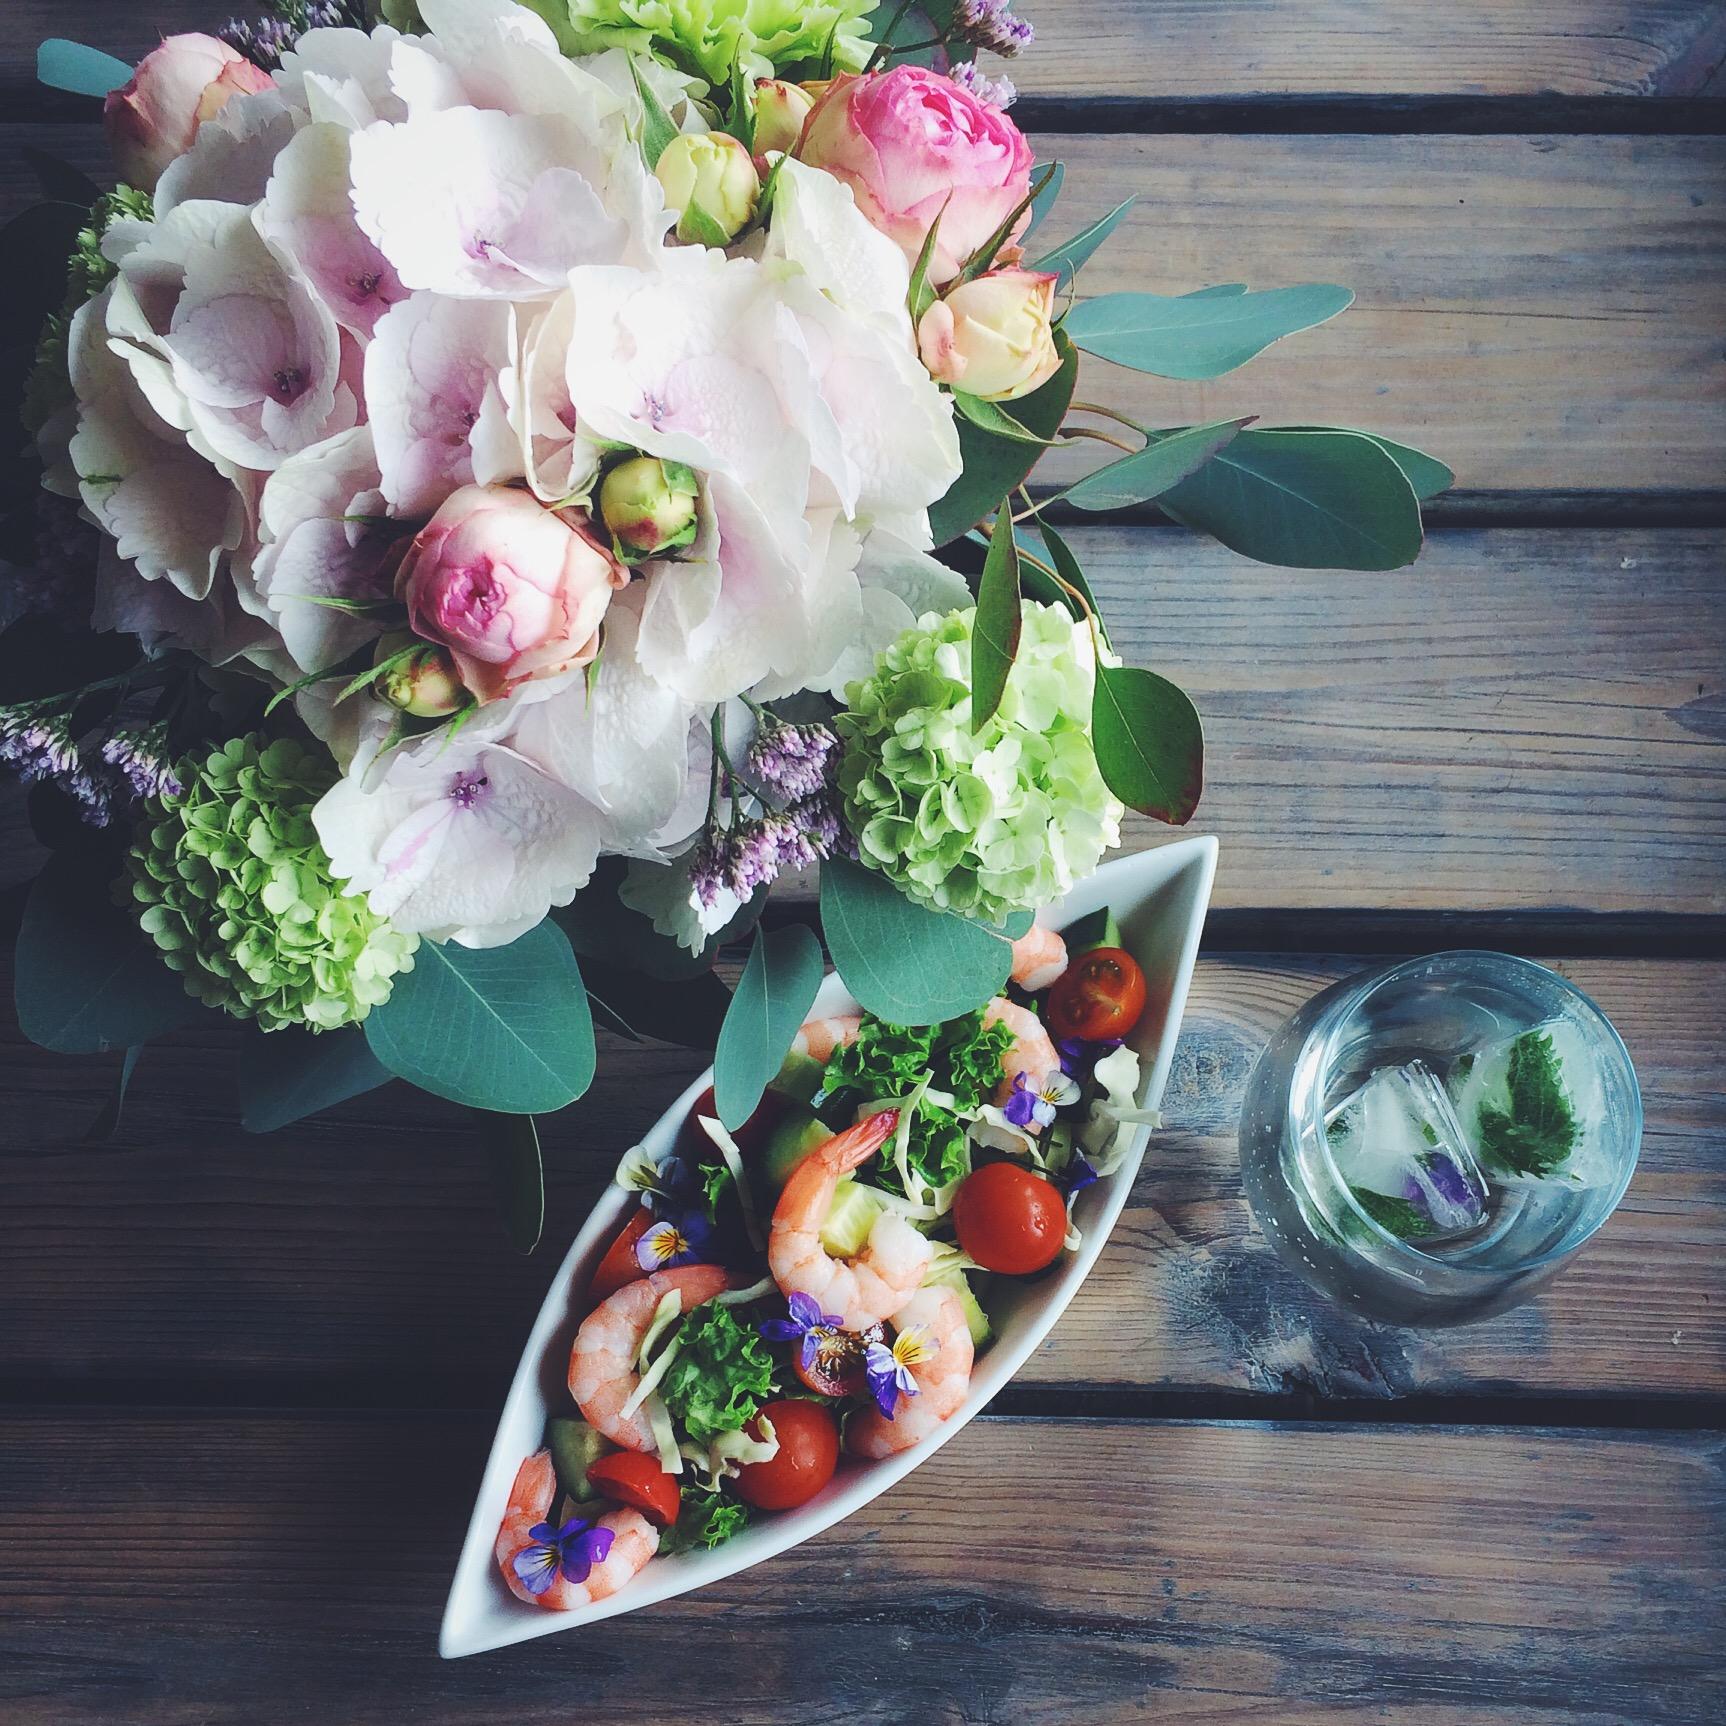 Salat med fisk og skalddyr